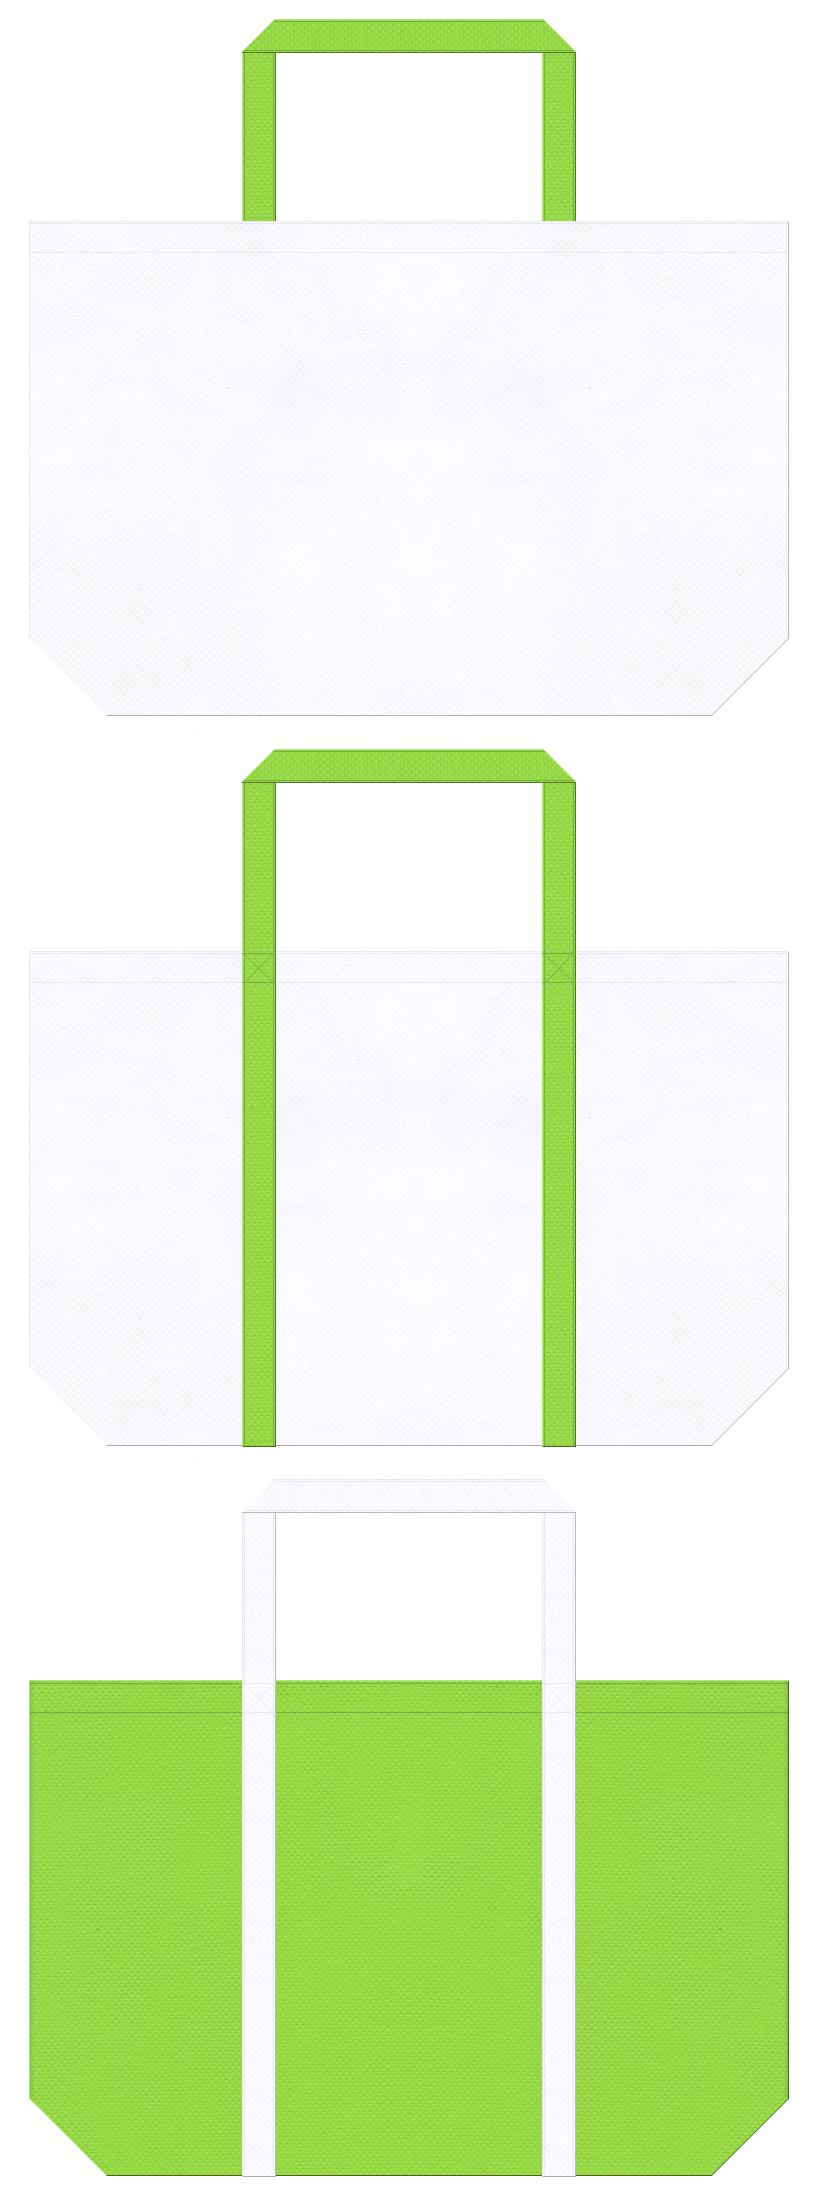 白色と黄緑色の不織布ショッピングバッグデザイン